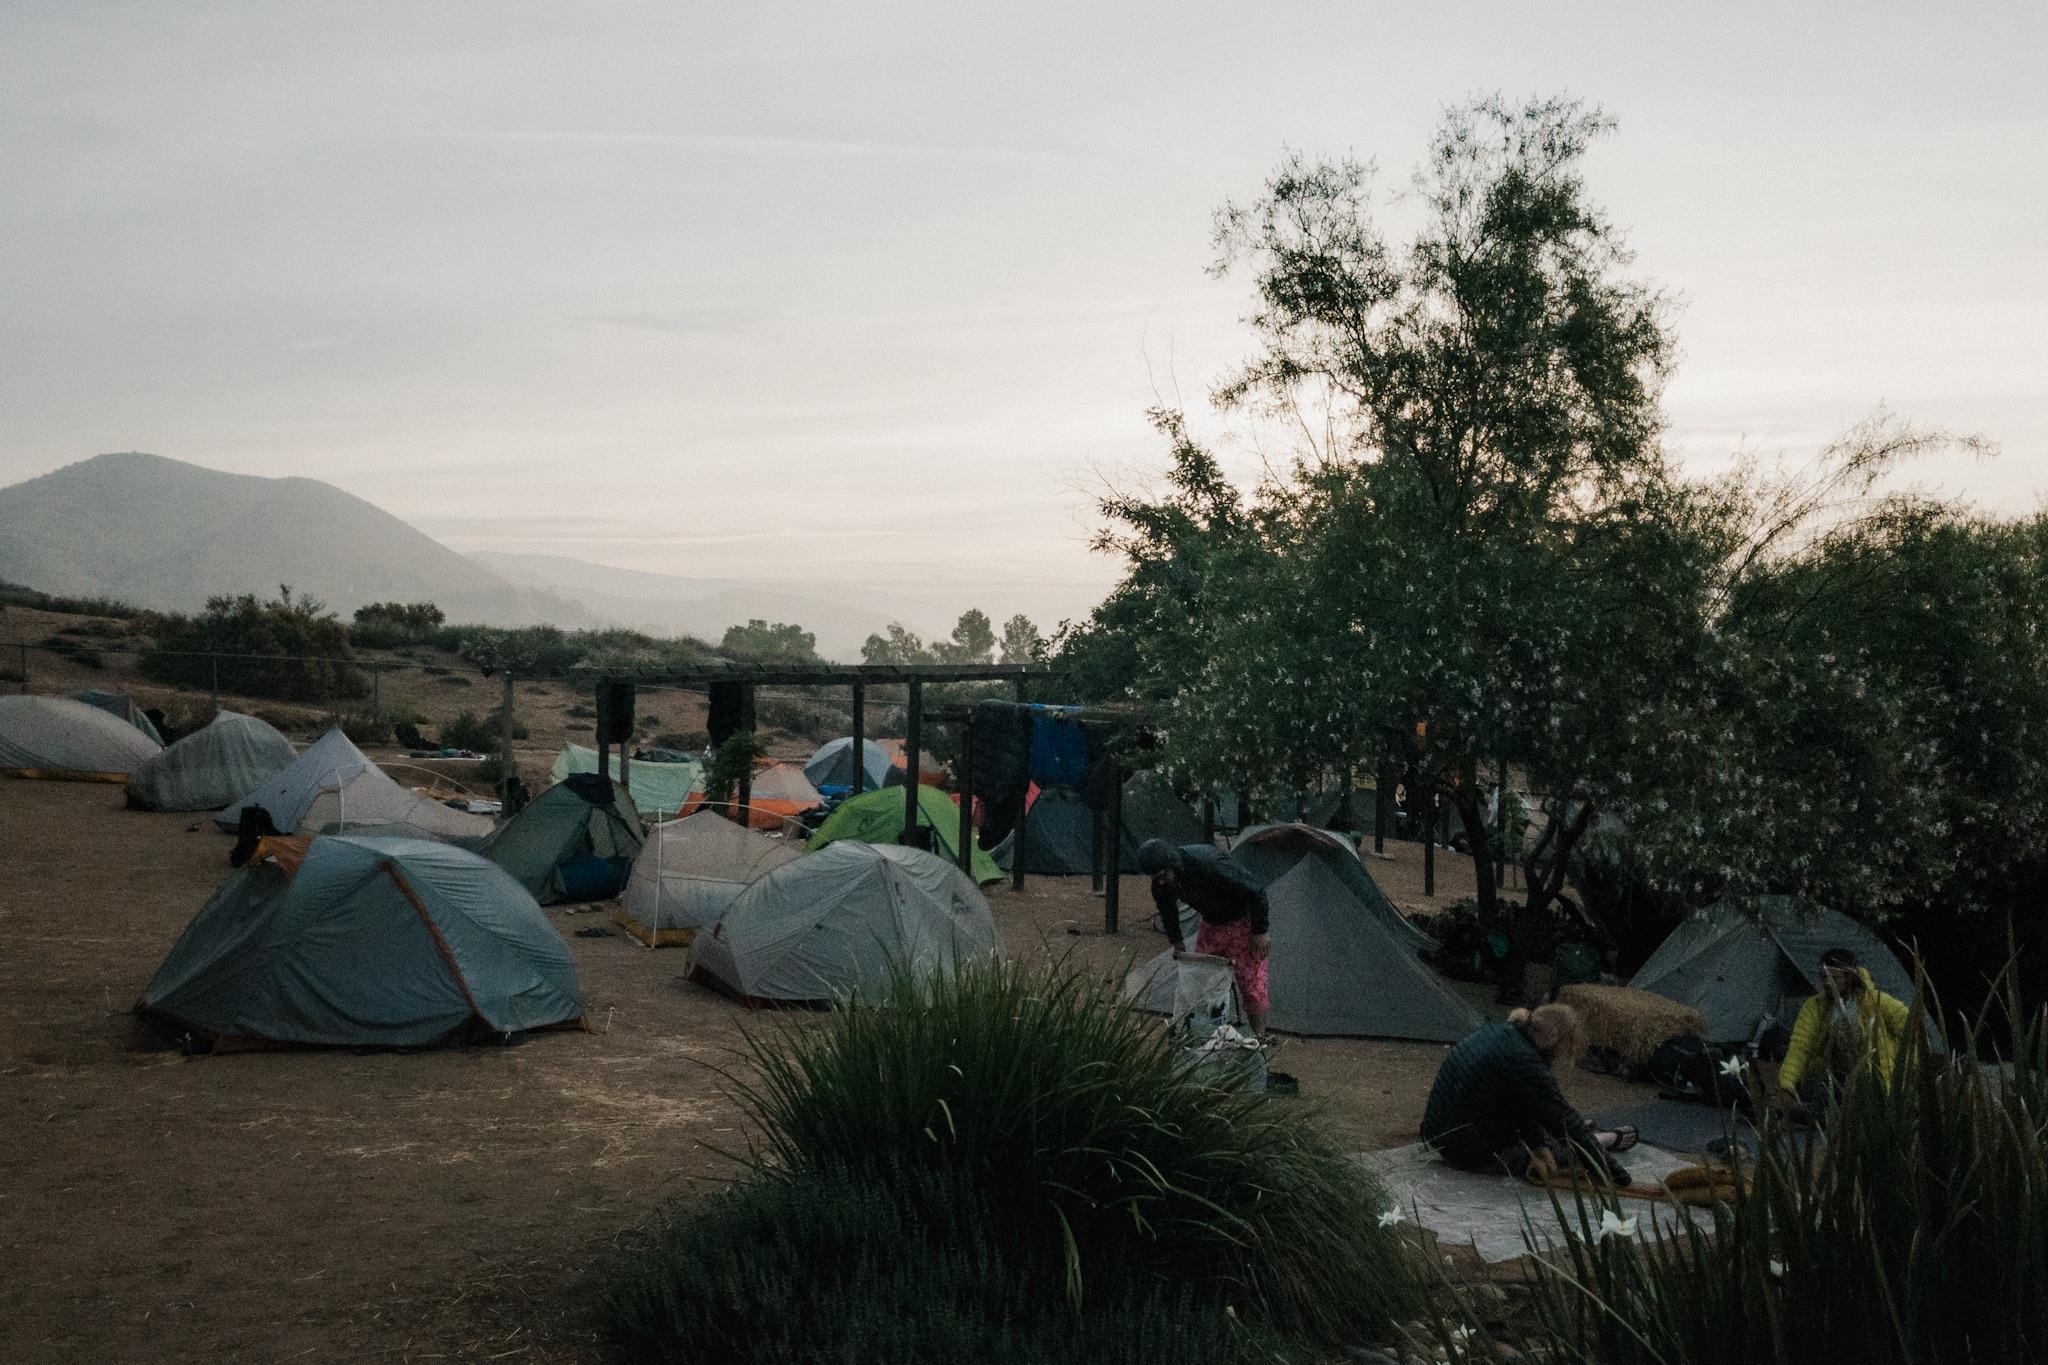 Tents in Hiker Heaven.